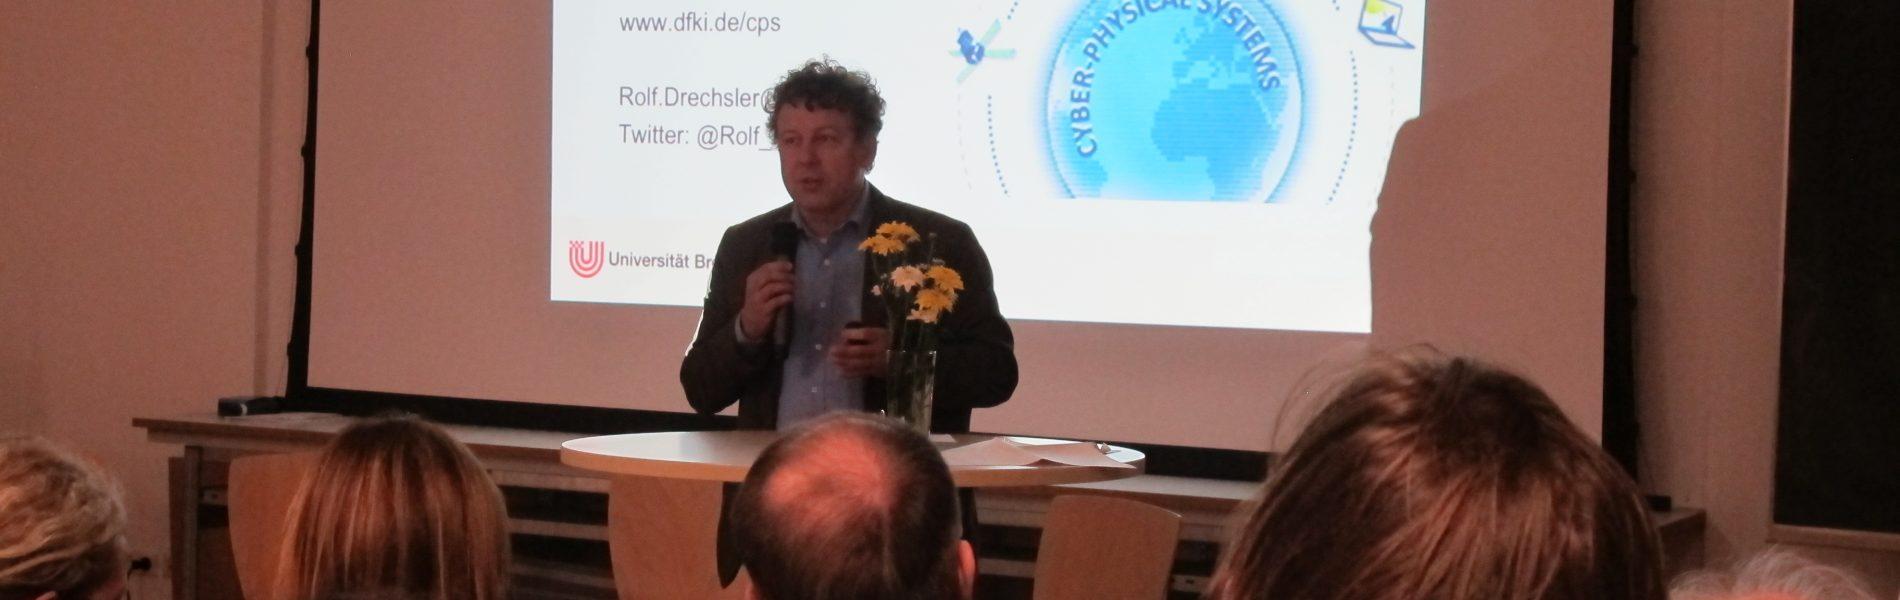 """Auf dem Bild sieht man wie Professor Doktor Rolf Drechsler einen Vortrag über """"Digitalisierung, virtuelle Welten, künstliche Intelligenz - wie wird sich unsere Arbeit und unser Leben verändern"""" im Fährhaus Bremerhaven hält."""